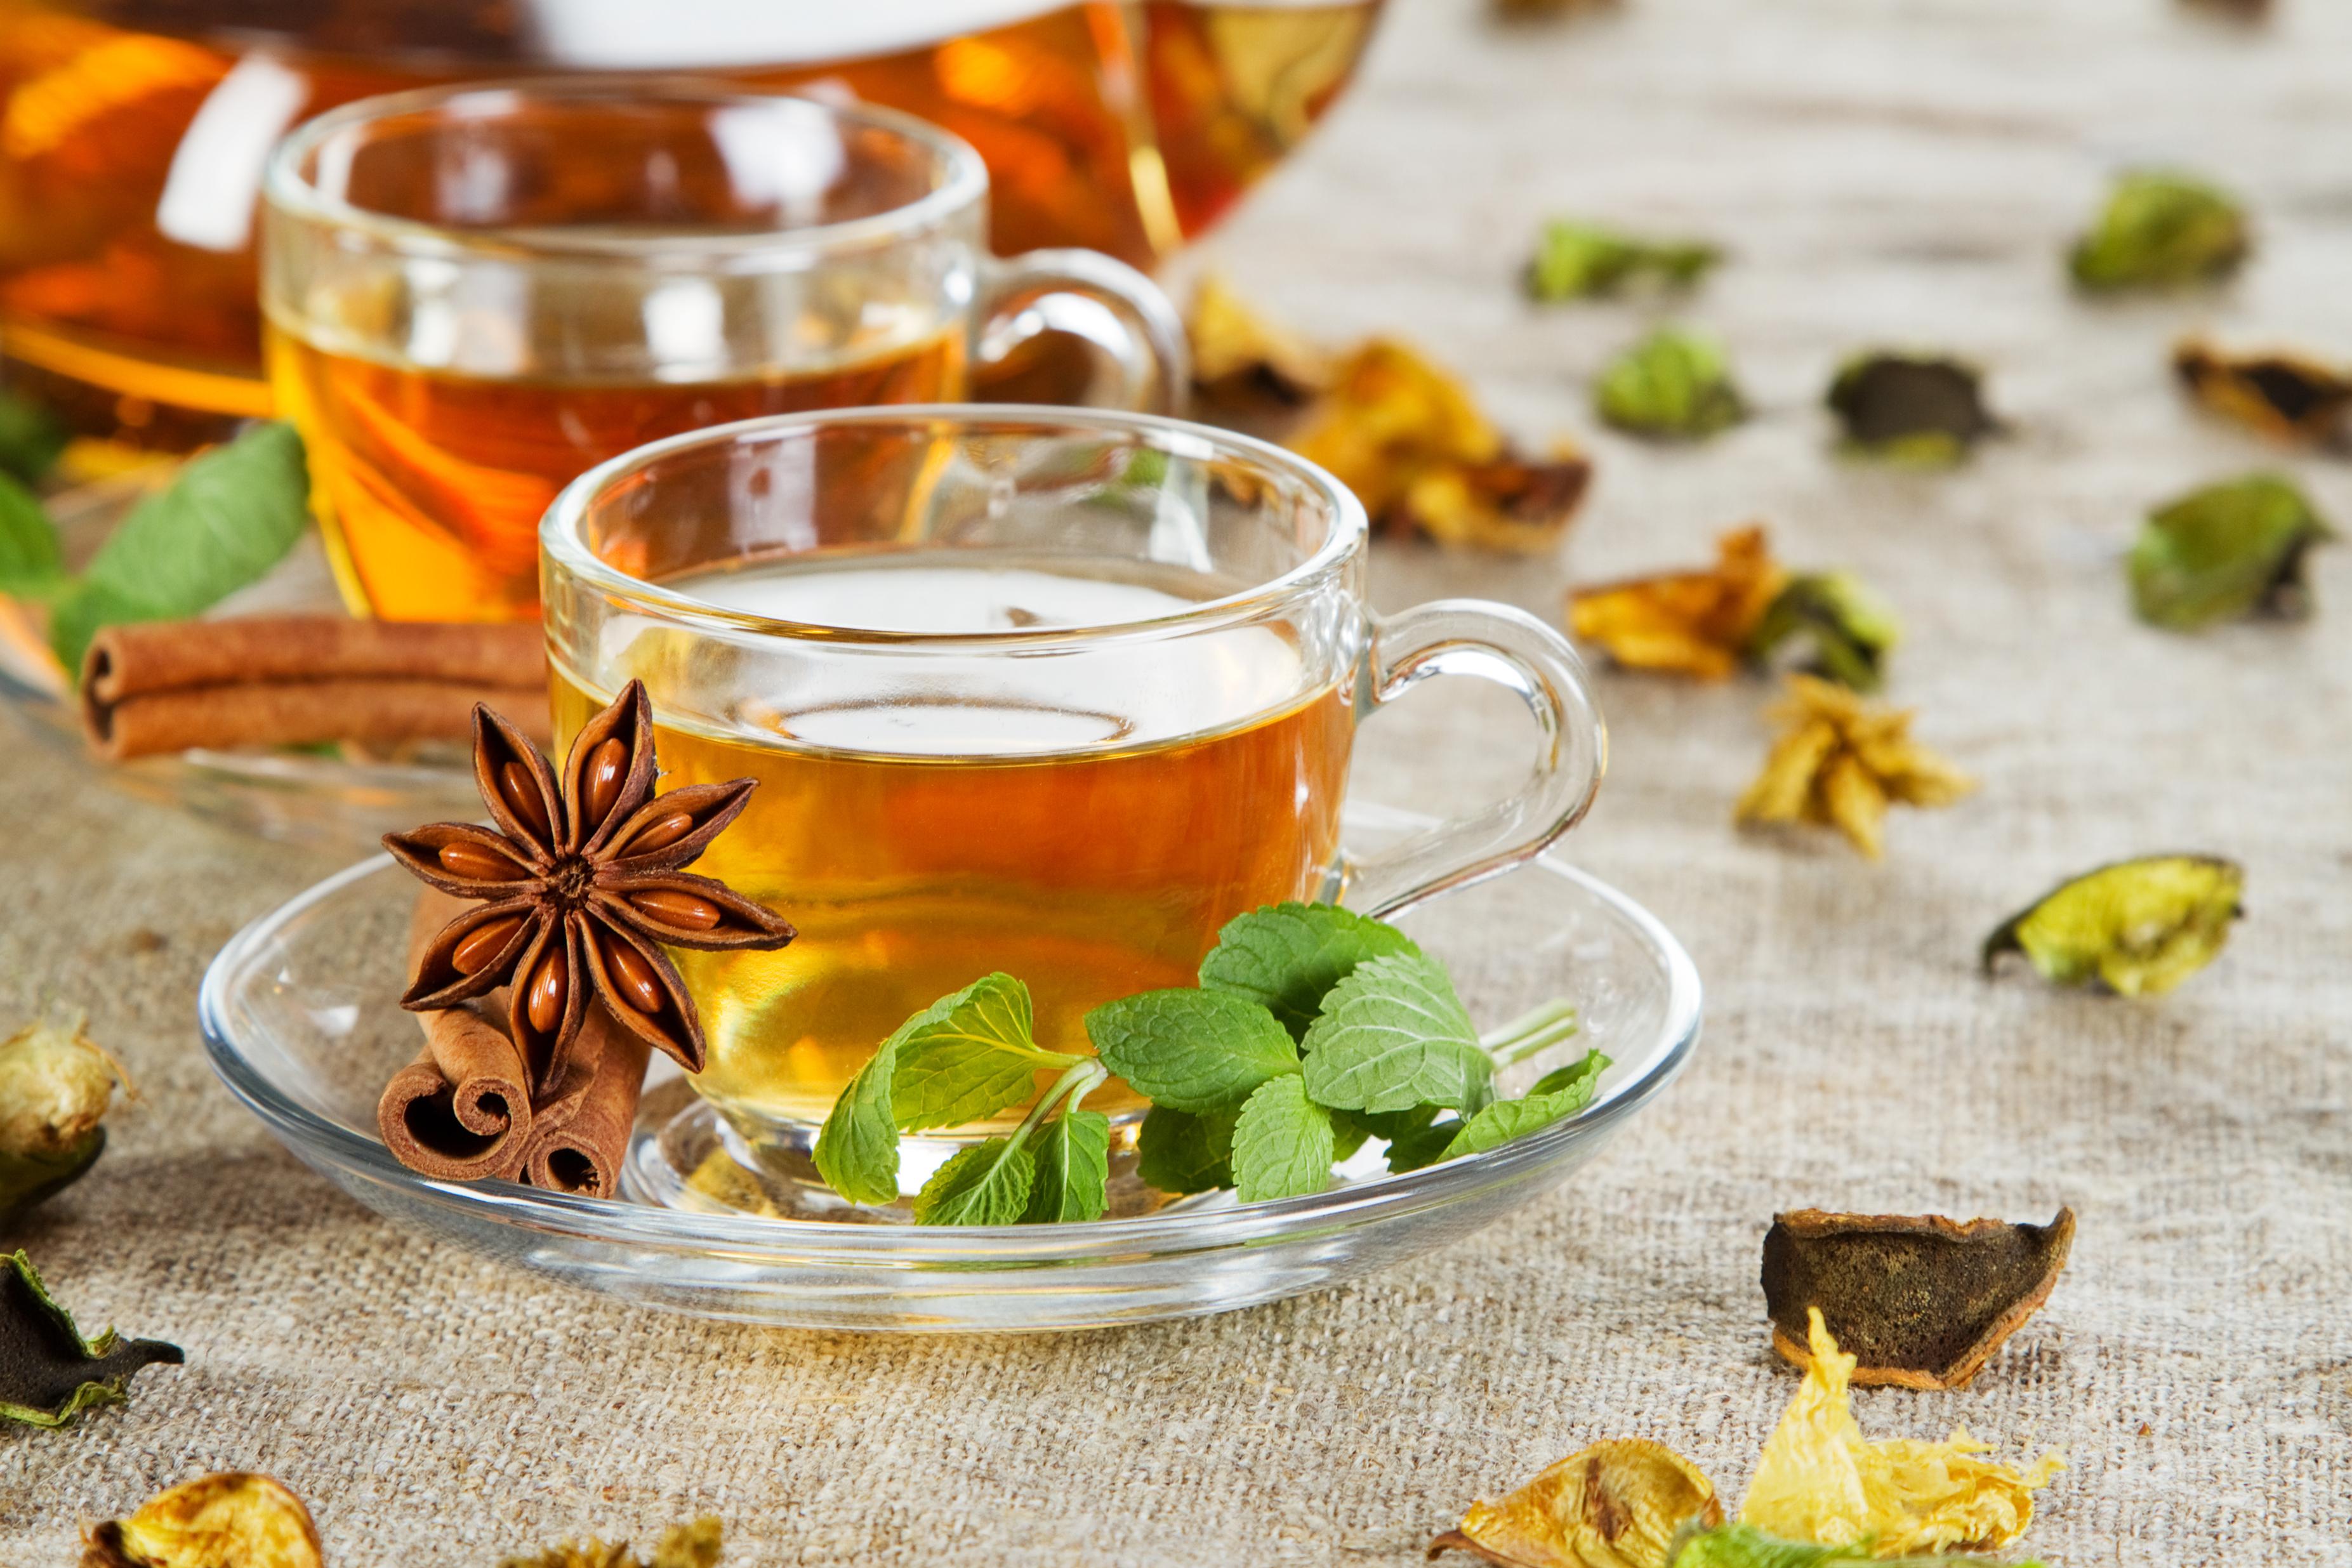 ceai detox la ce ajuta